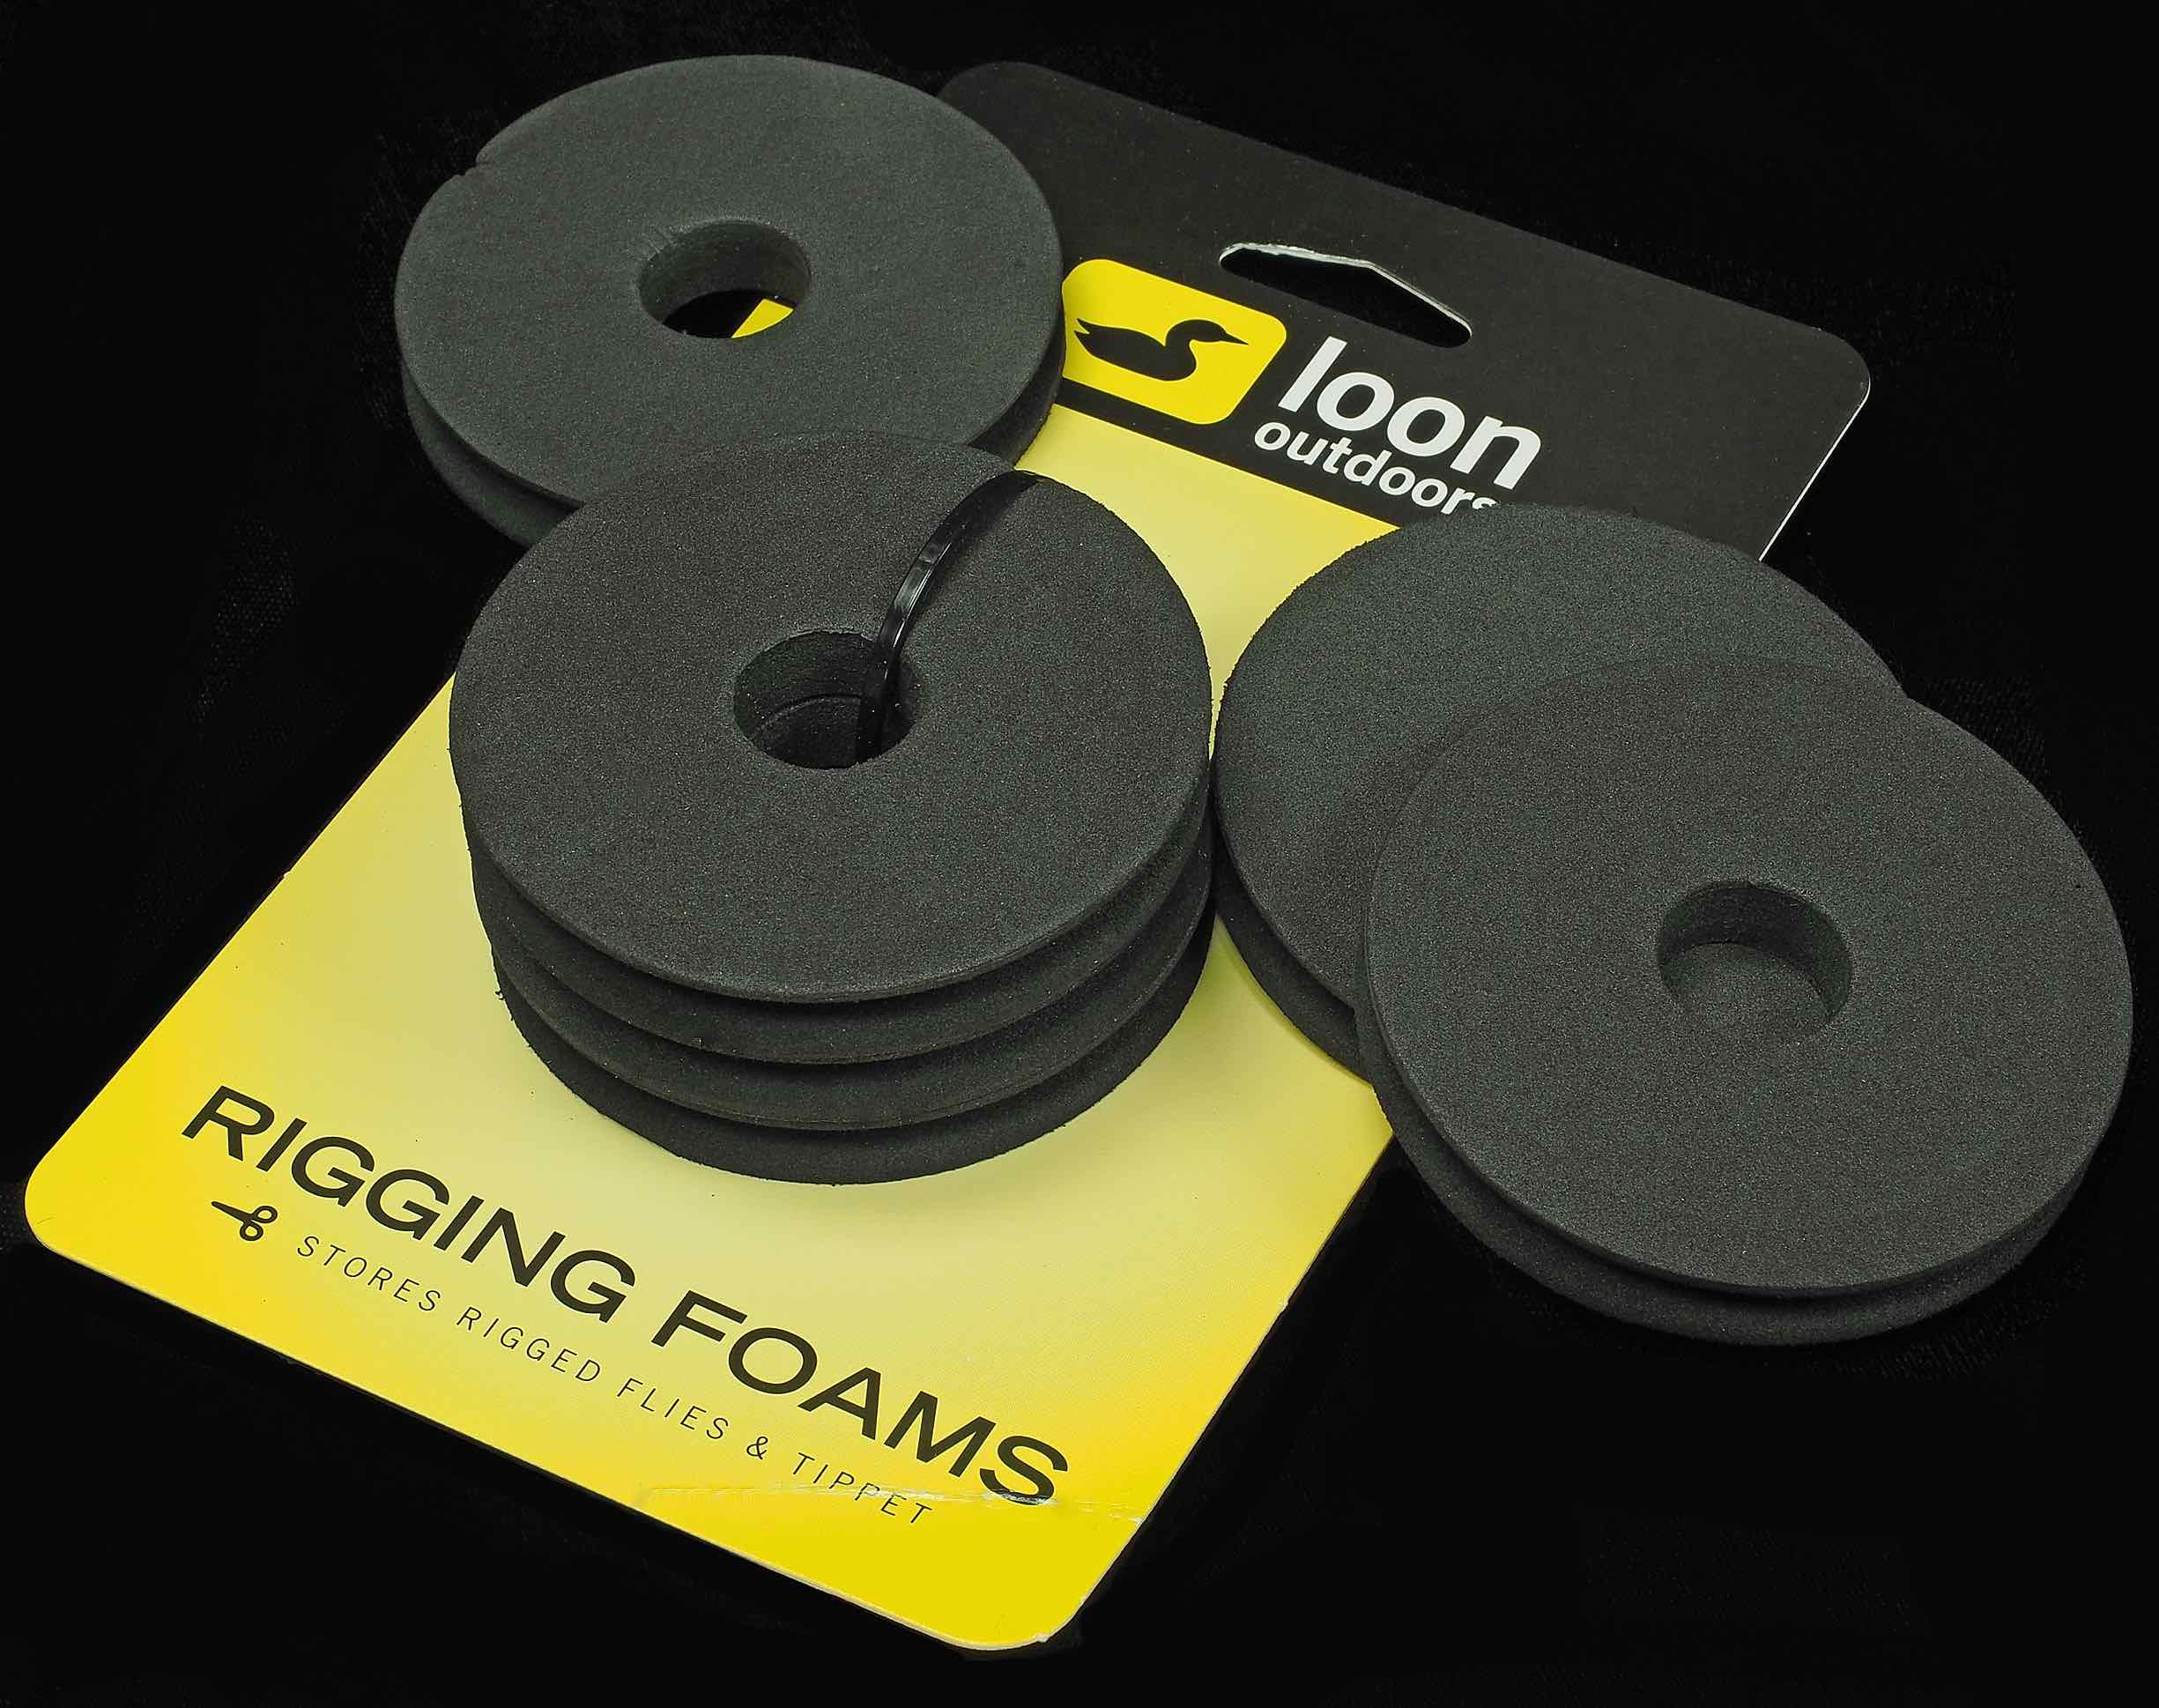 Loon Rigging Foams